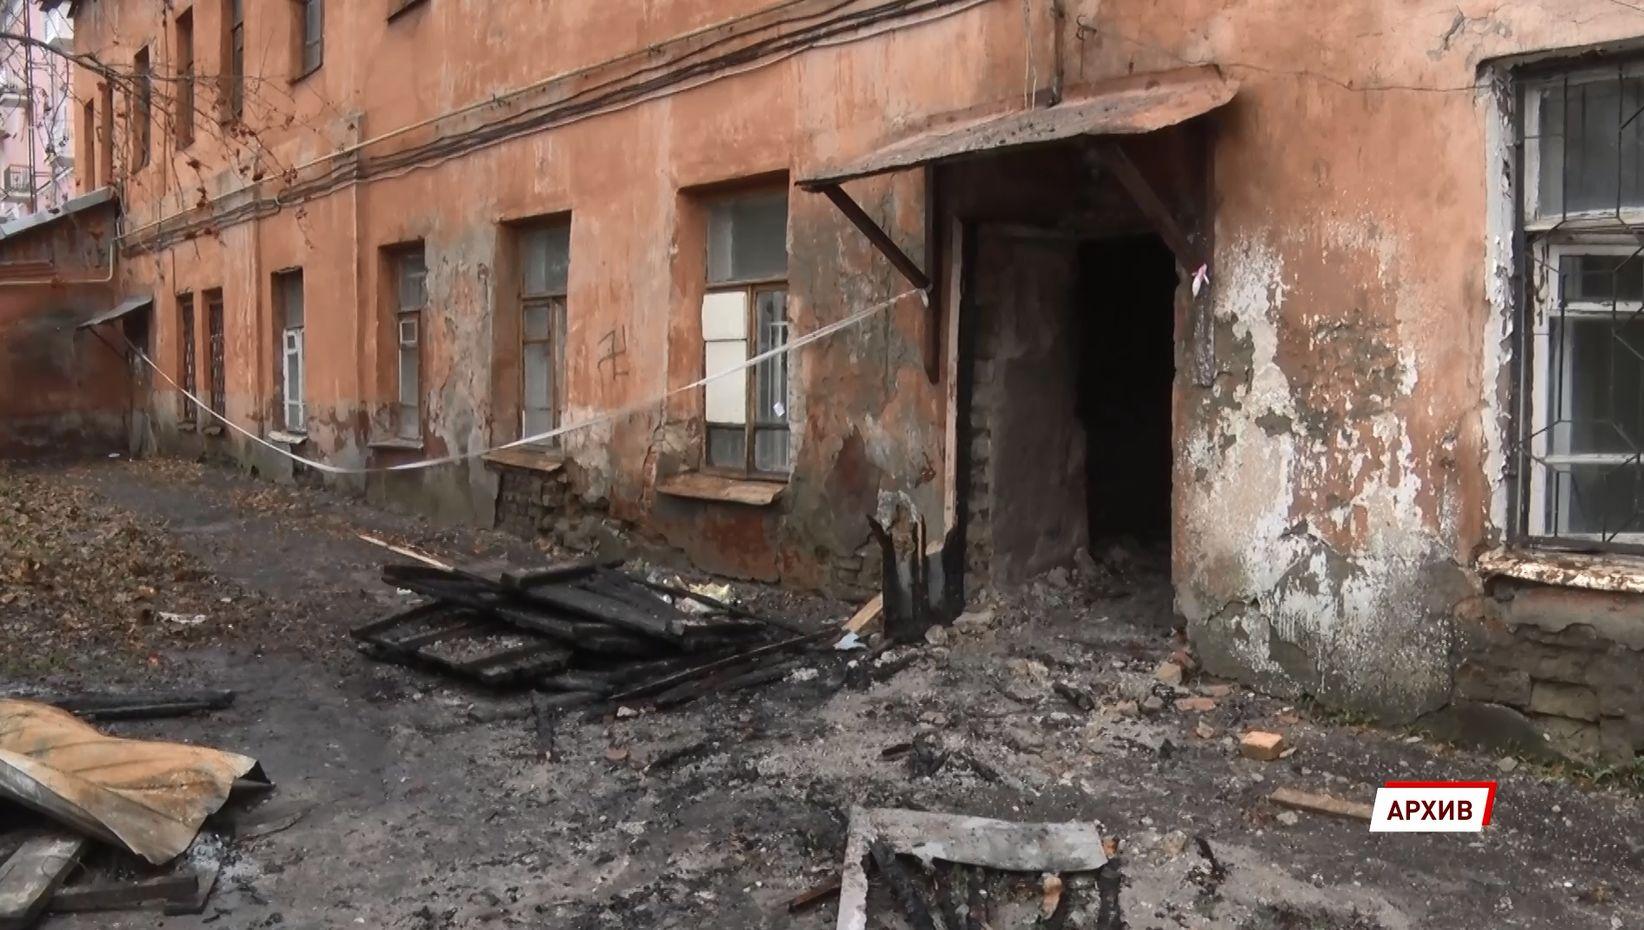 В Ярославле вынесли приговор обвиняемым в смертельном пожаре